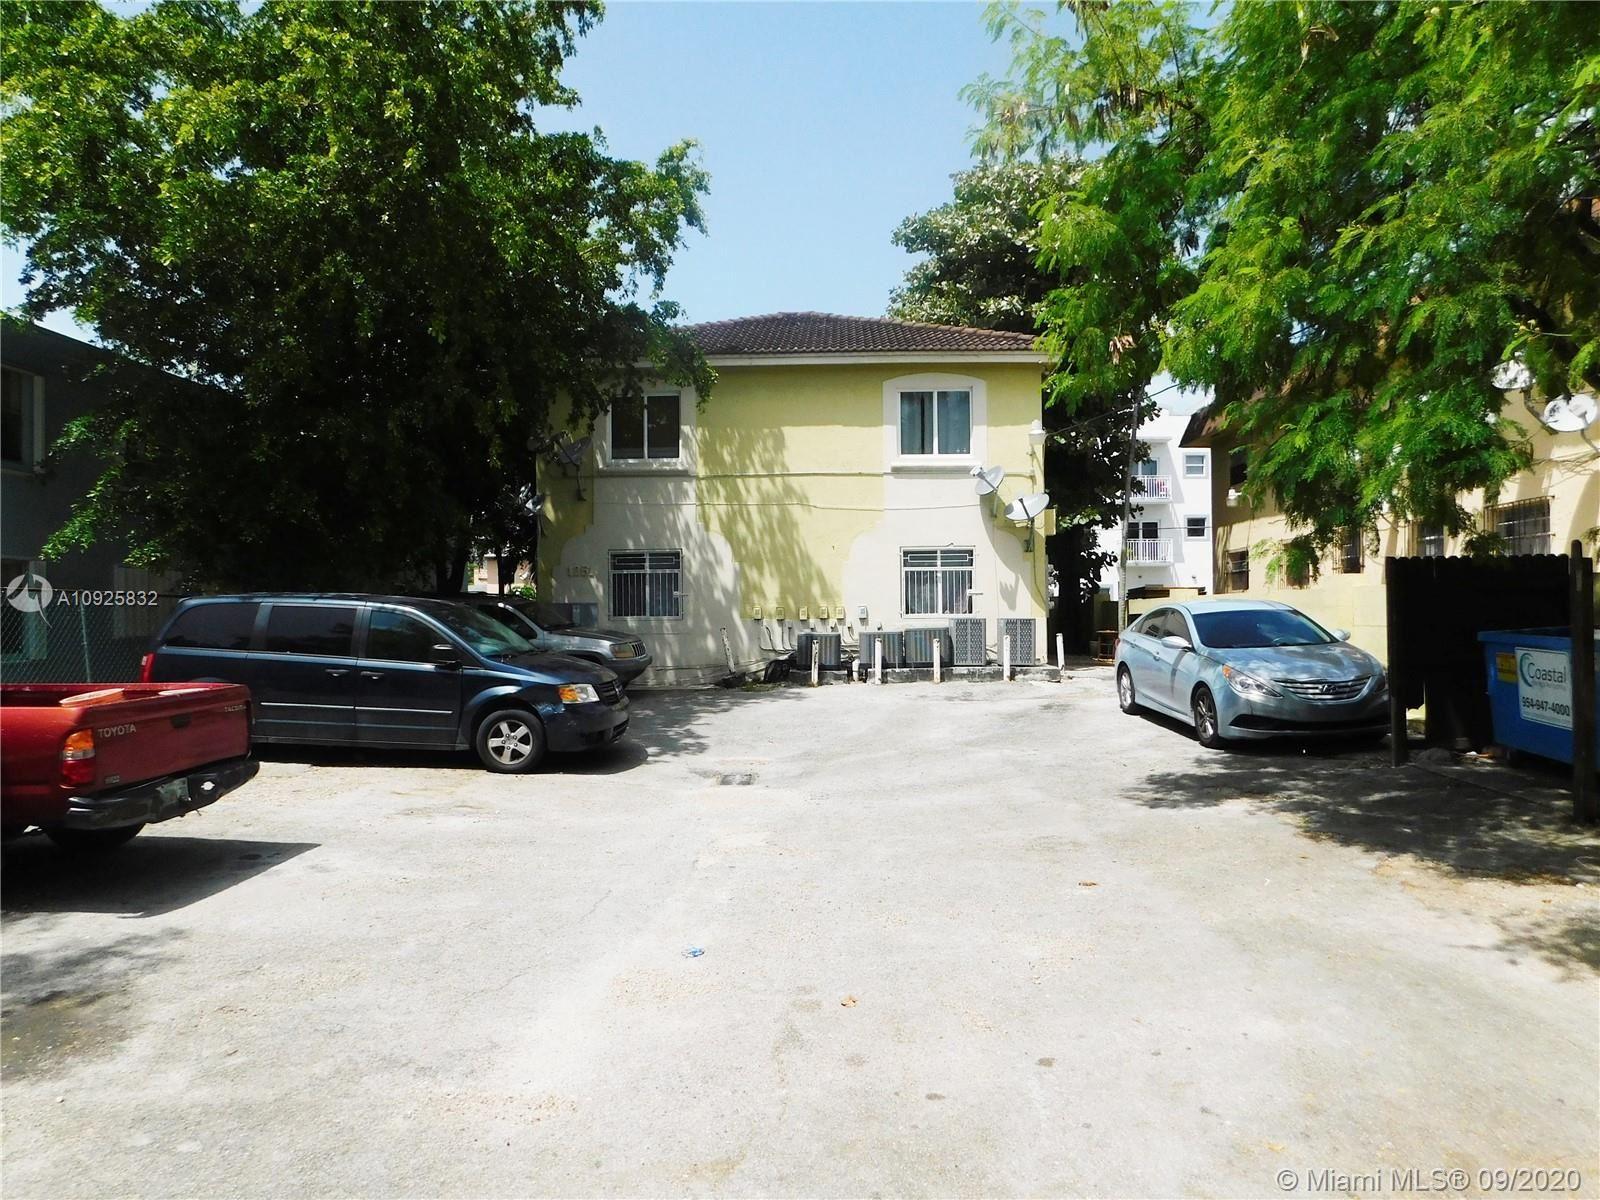 1251 NW 4 St #3, Miami, FL 33125 - #: A10925832